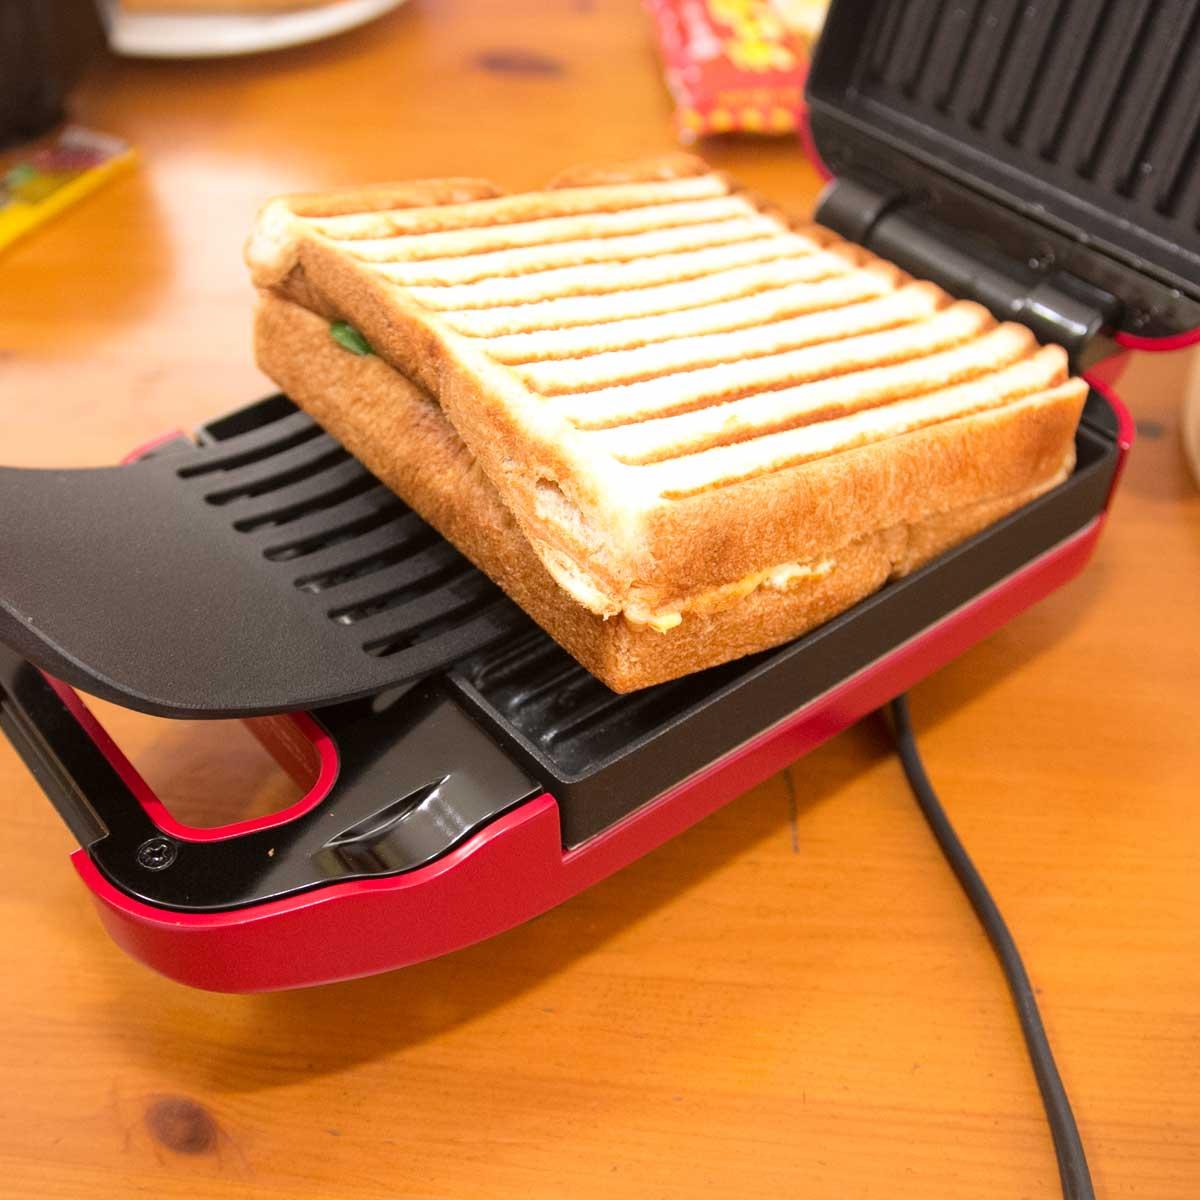 """食パンがごちそうに! ミミまでイケる""""厚焼き""""ホットサンドメーカー「gooood」"""